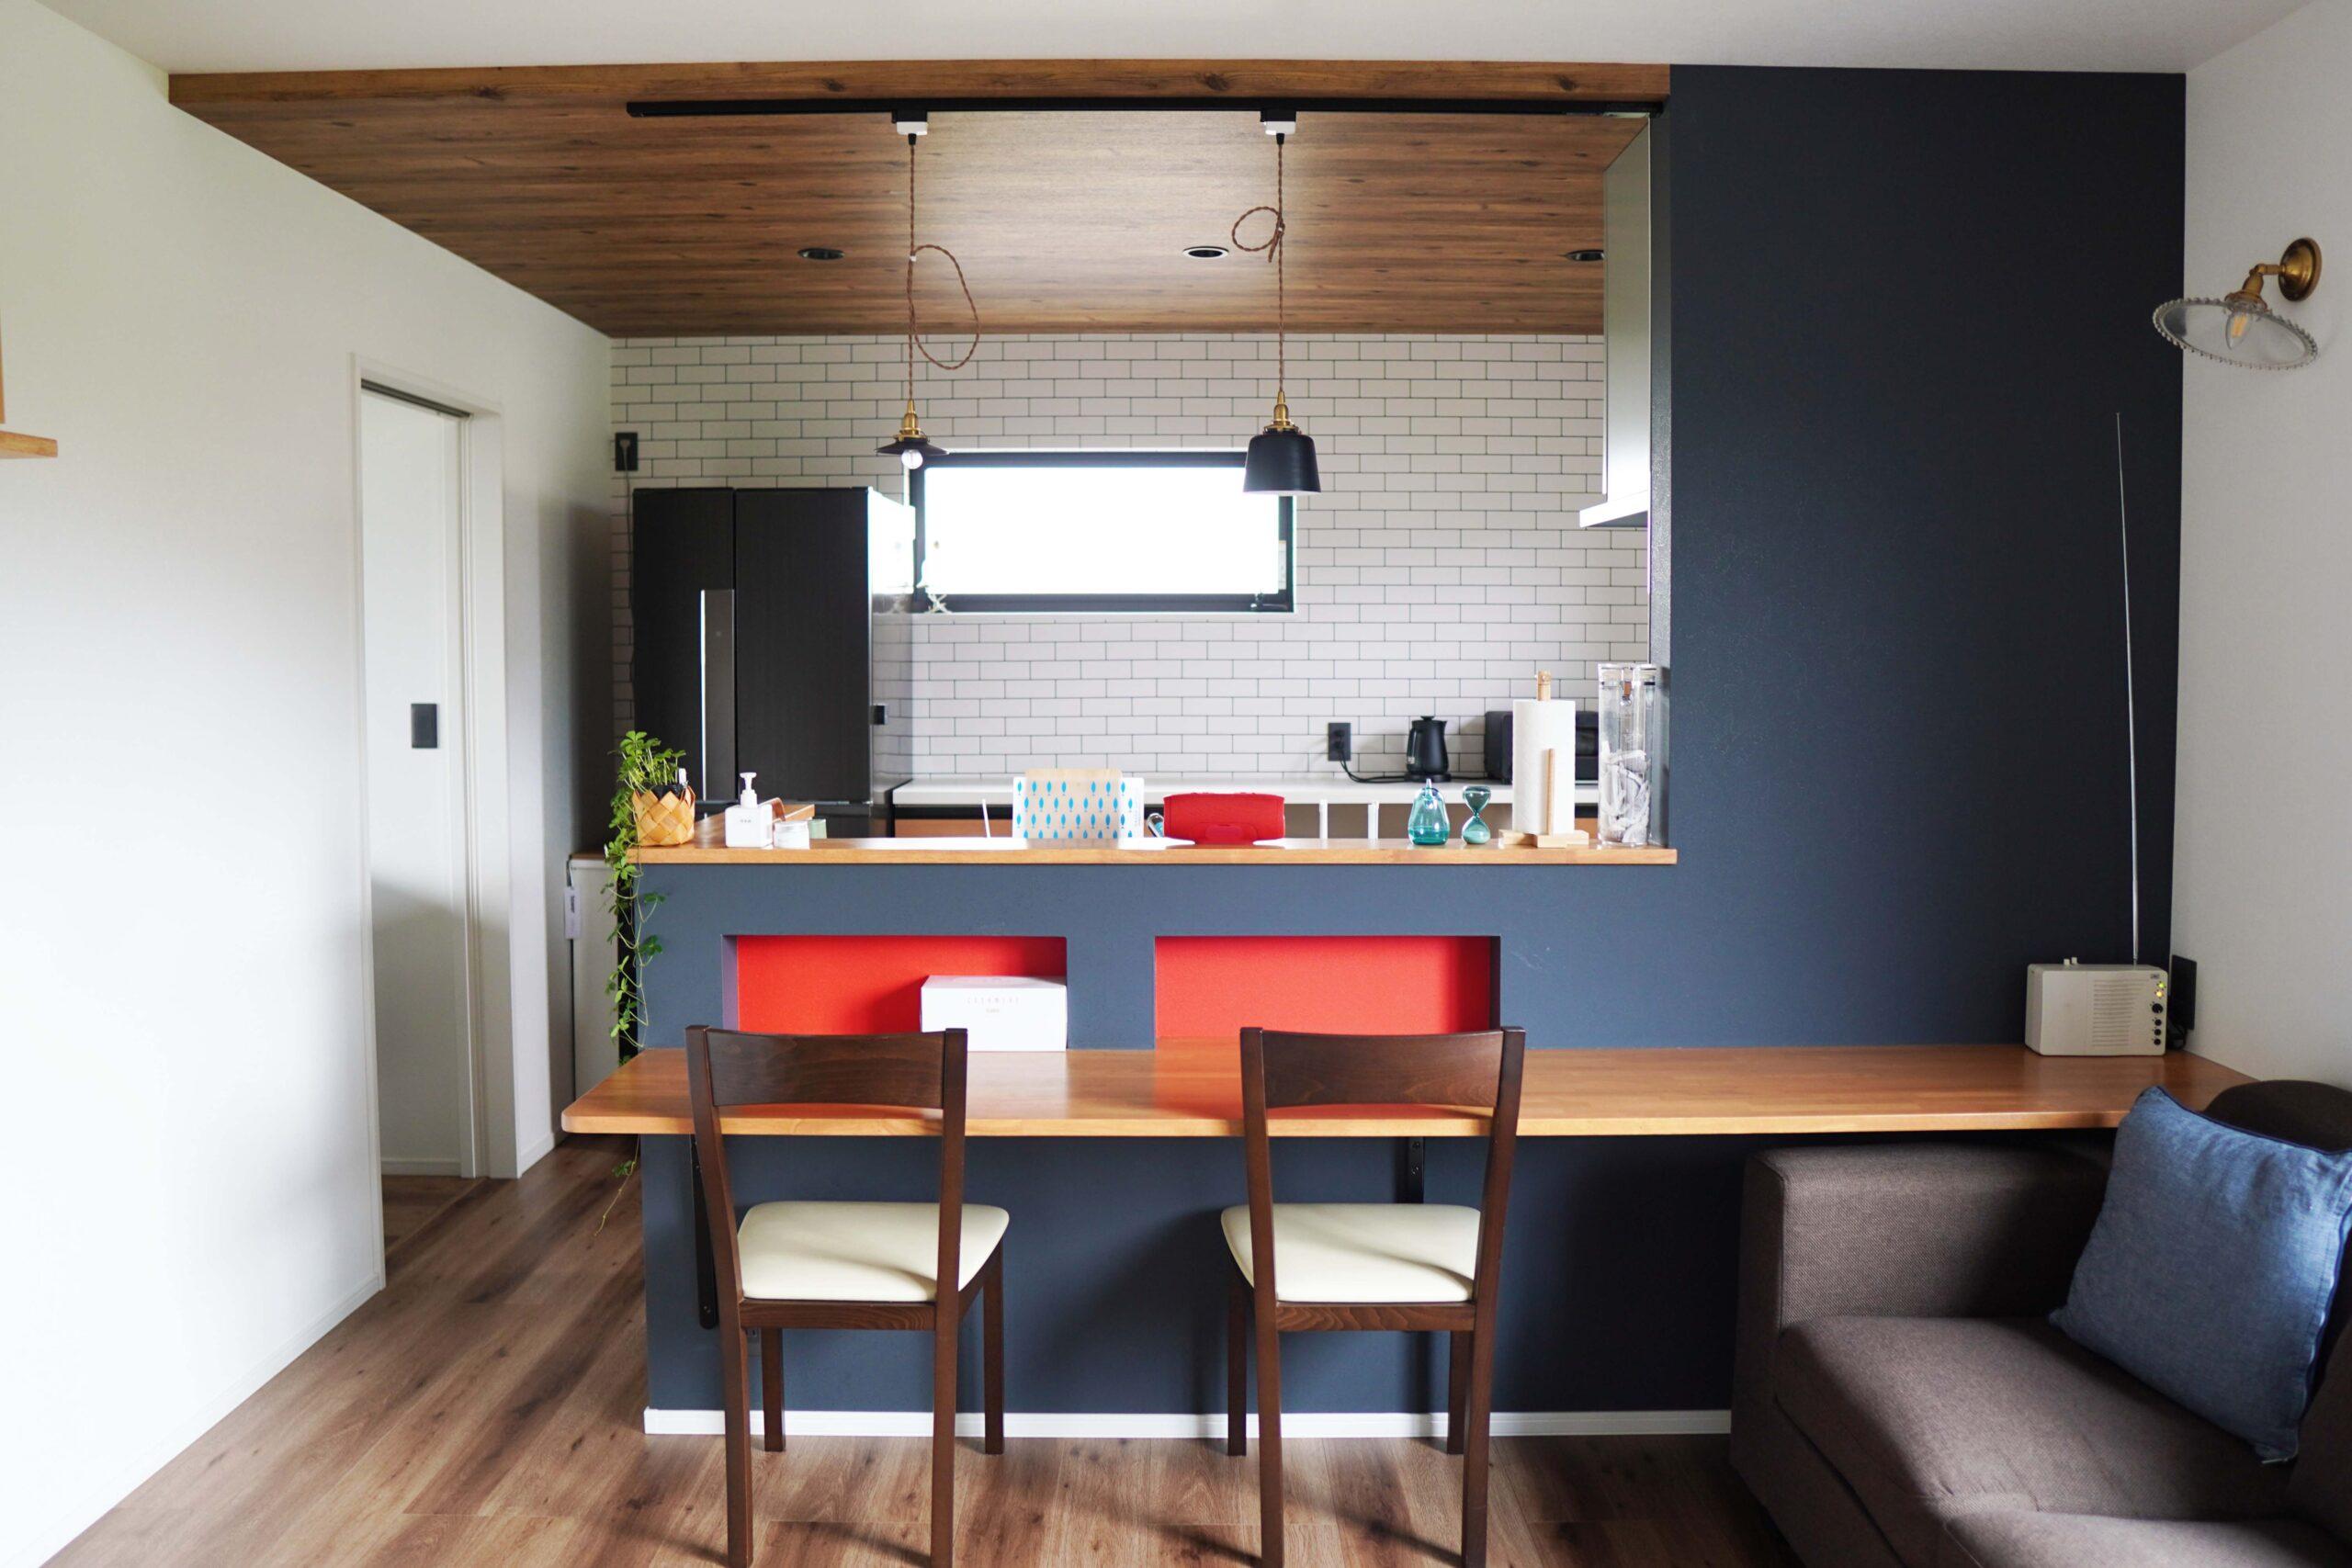 キッチン前には並んでかけられるカウンターを計画した。腰壁にニッチをつくることで、ちょっとした収納代わりに。アクセントクロスで視覚的にも楽しい空間になった。LDKはチャコールブラック×白を基調として、差し色に赤を使用。モダンな印象に仕上げた。